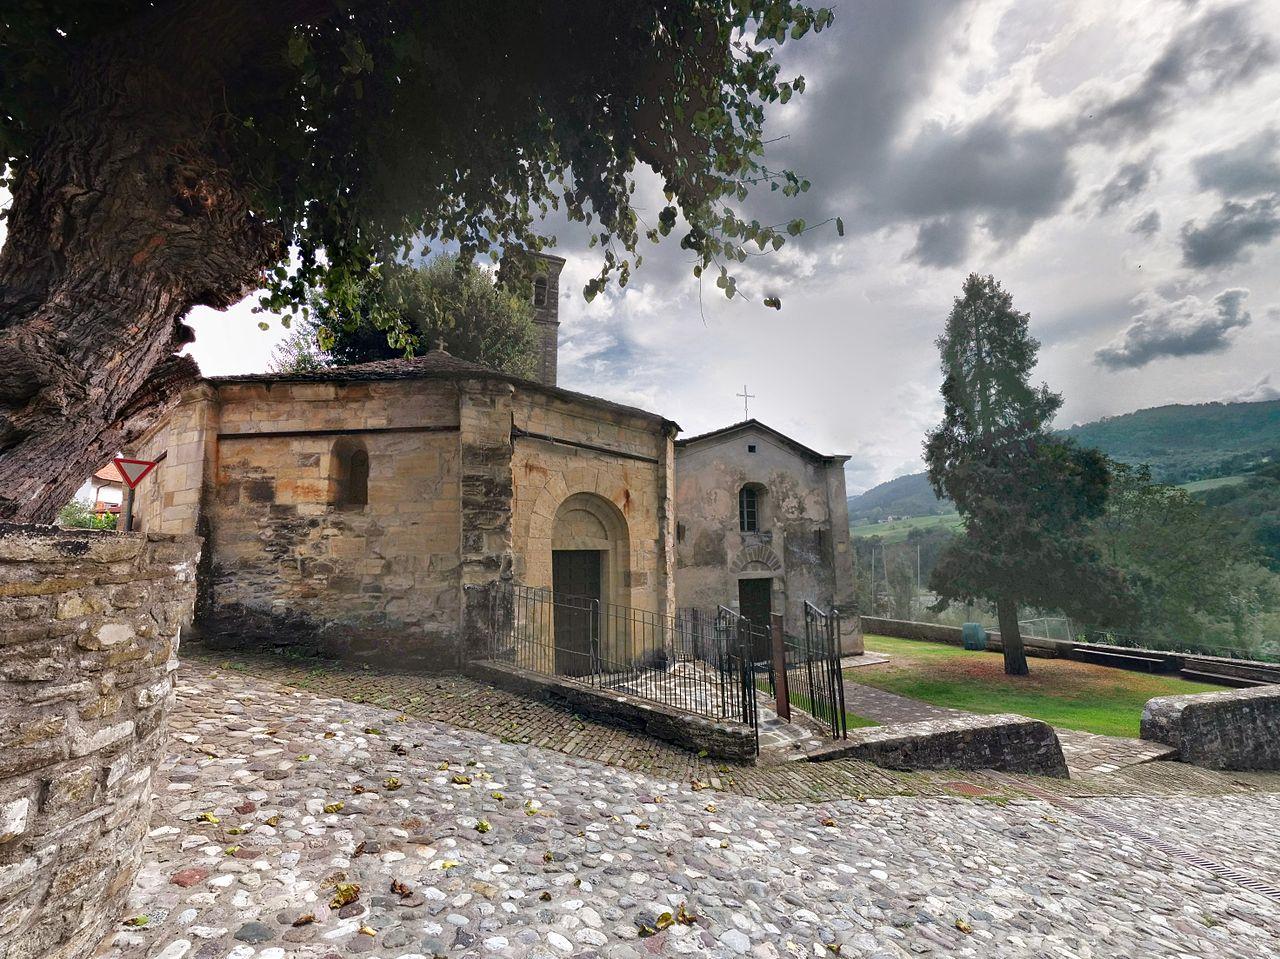 Battistero di Serravalle Ceno